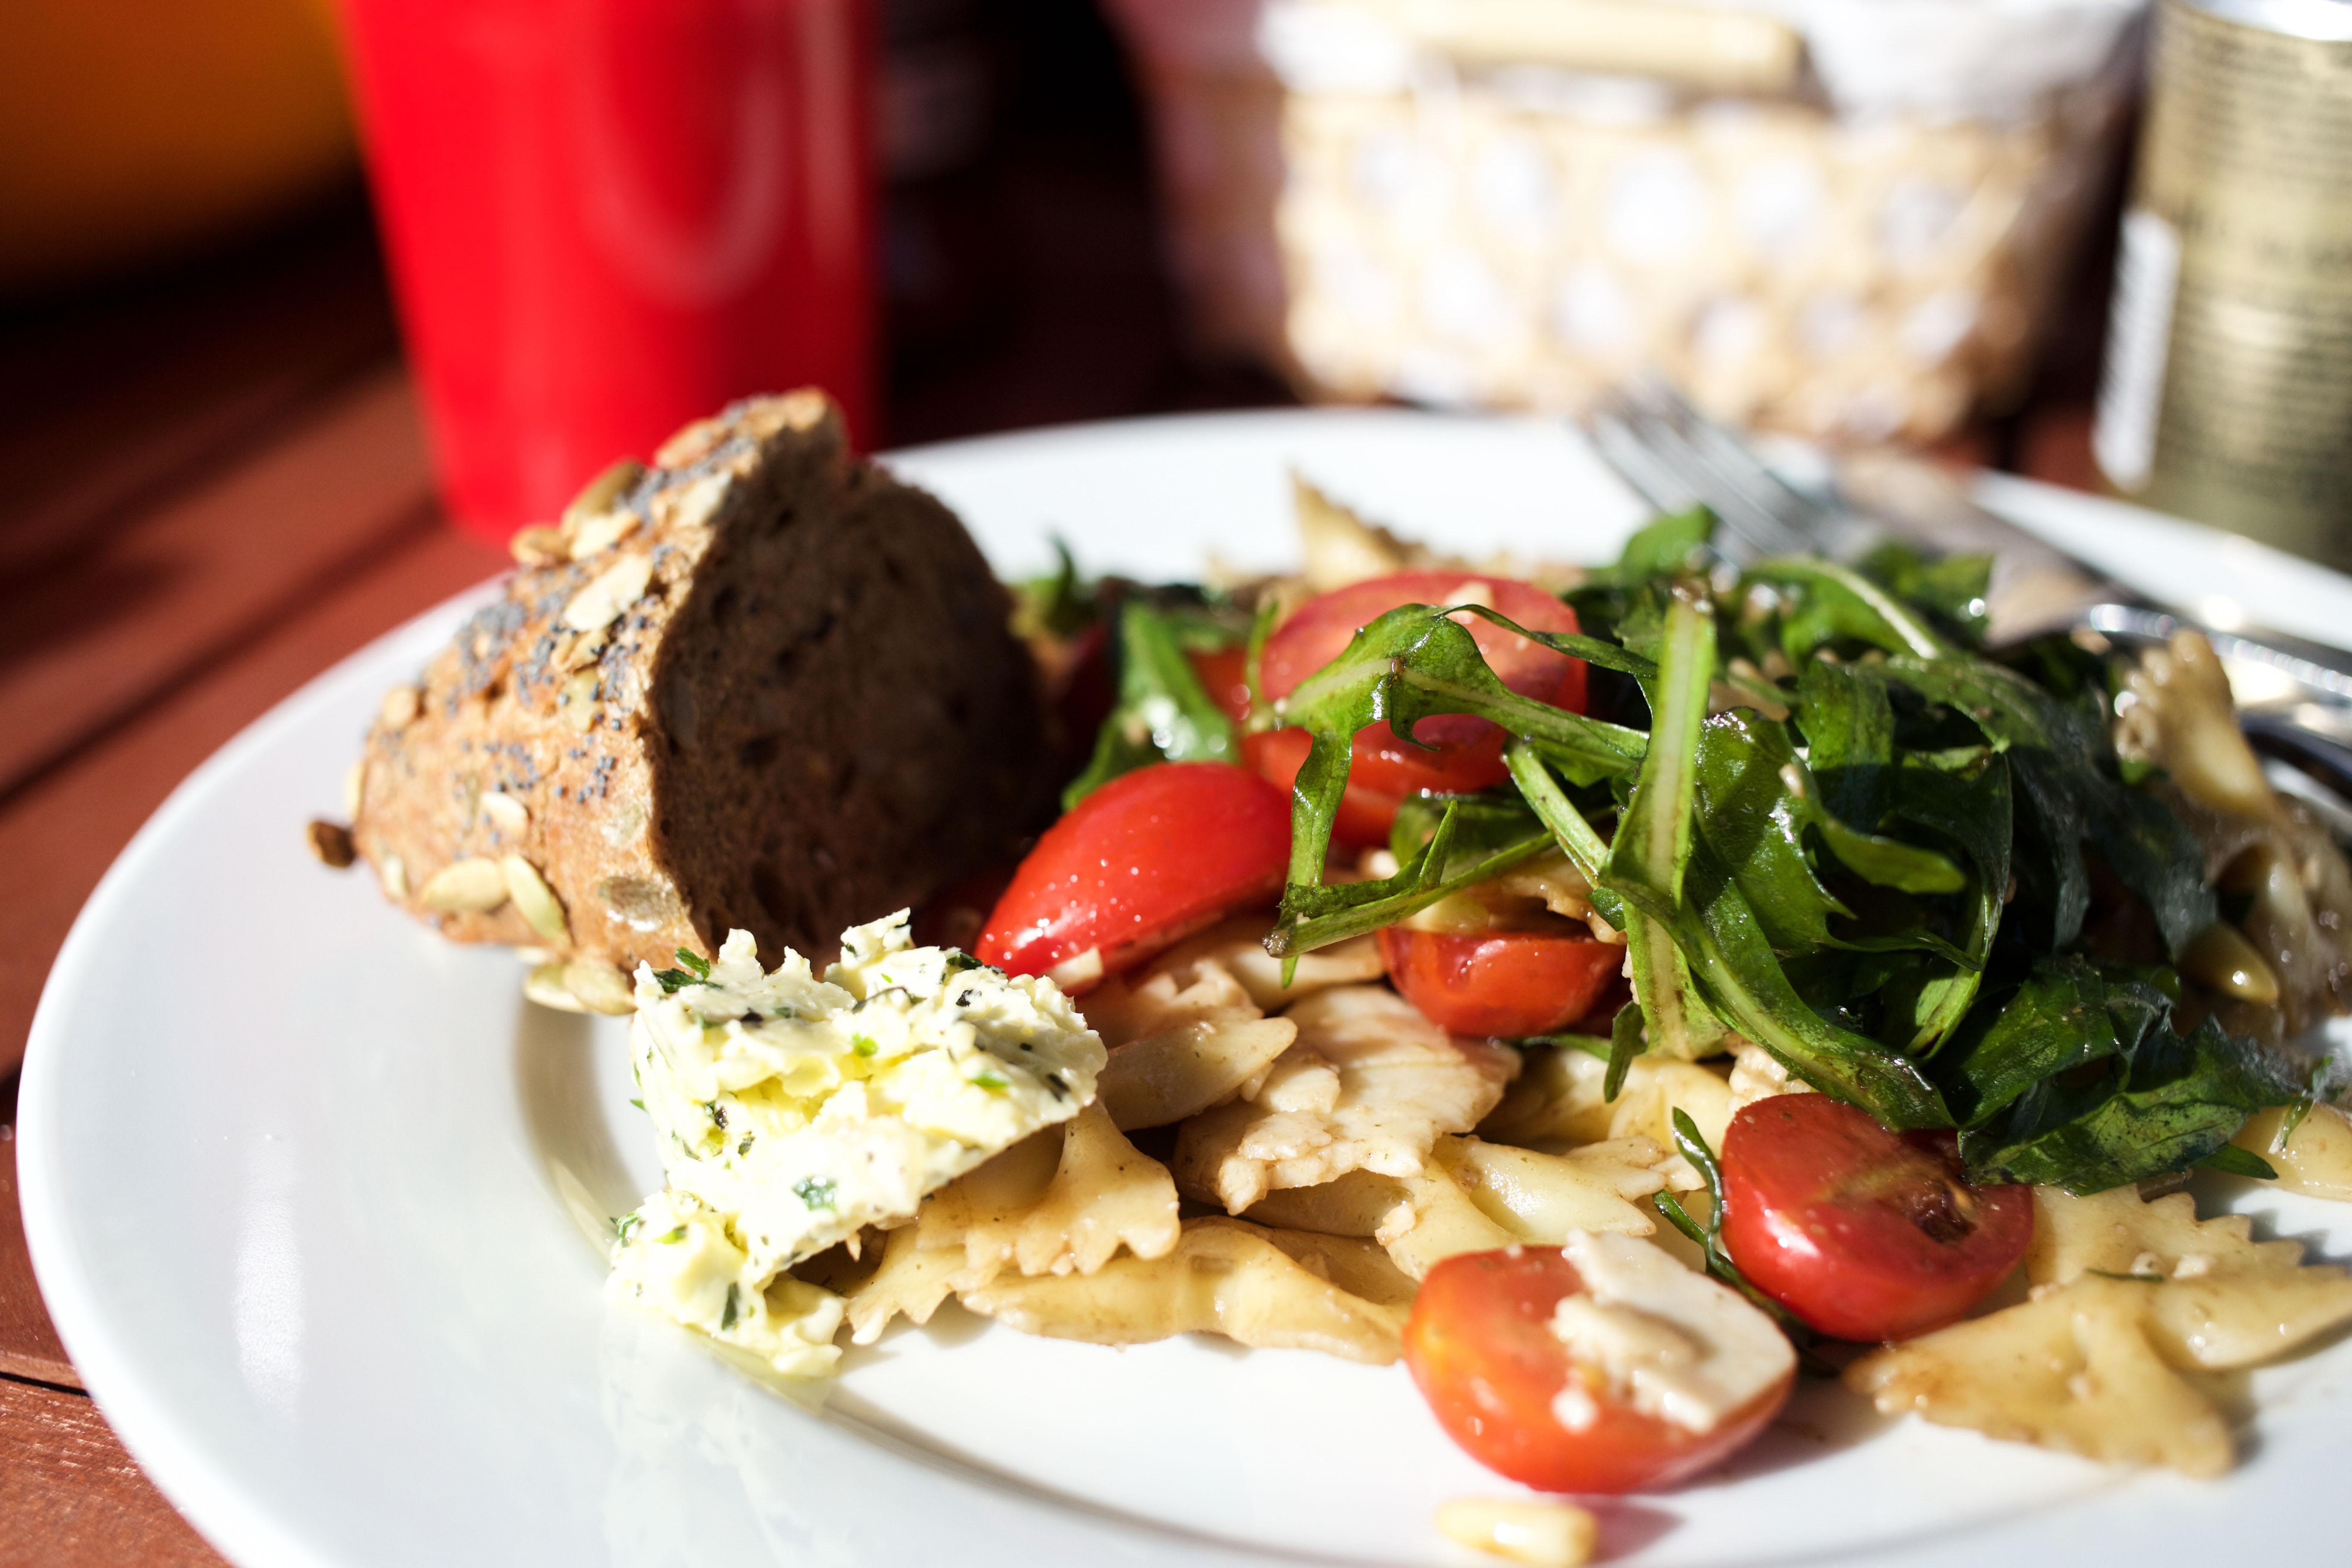 vegetarische-grillrezepte-food-essen-foodblogger-grillen-grill-reihe_0088